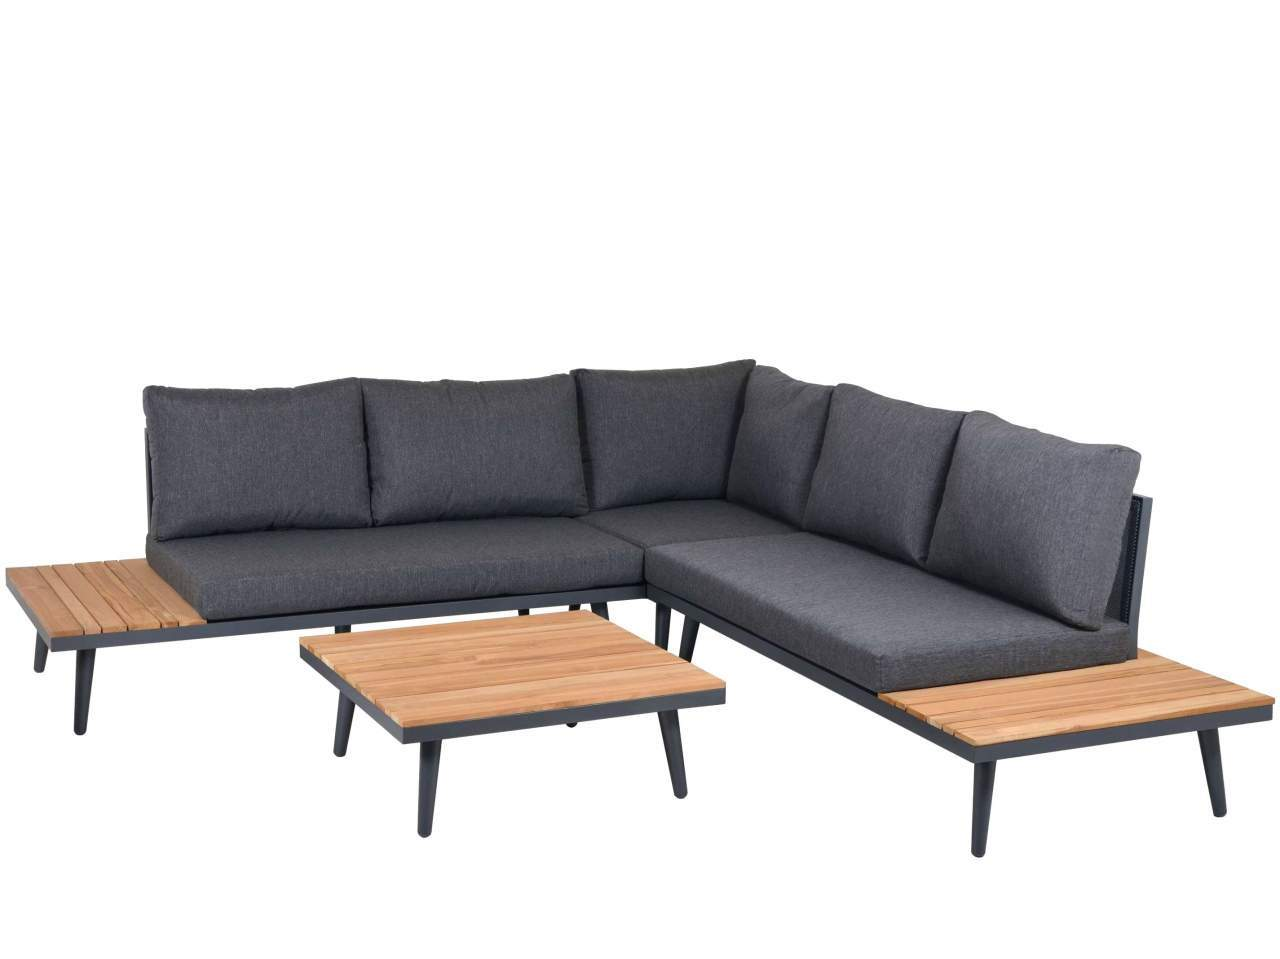 couch garten das beste von diy daybed sofa bauen neu garten sofa selber bauen diy of couch garten